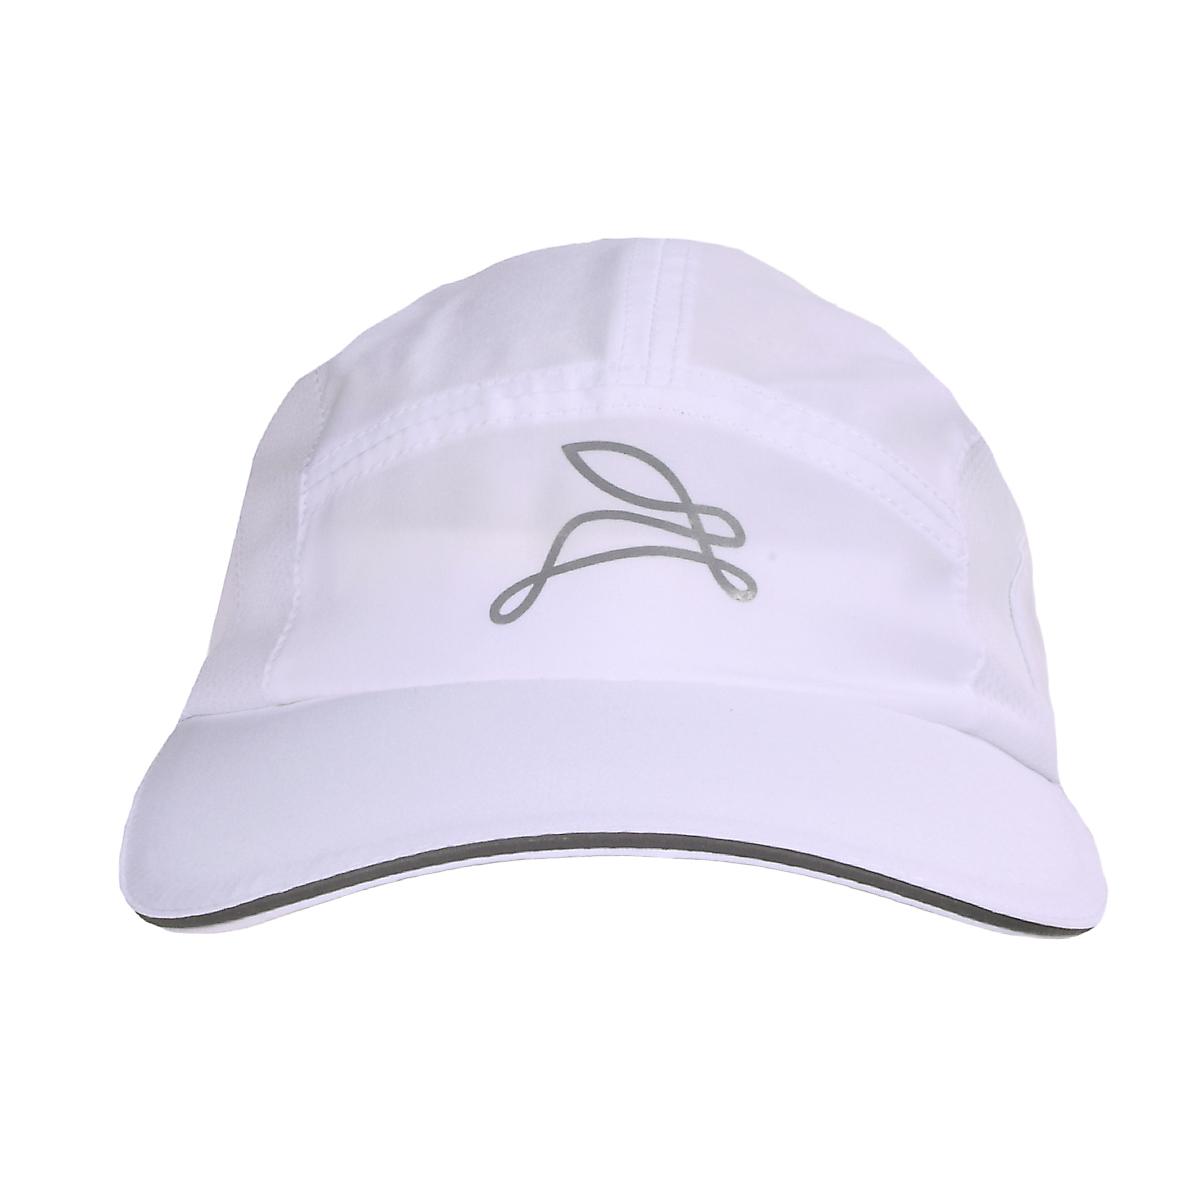 JackRabbit Run Hat - Color: White - Size: One Size, White, large, image 2